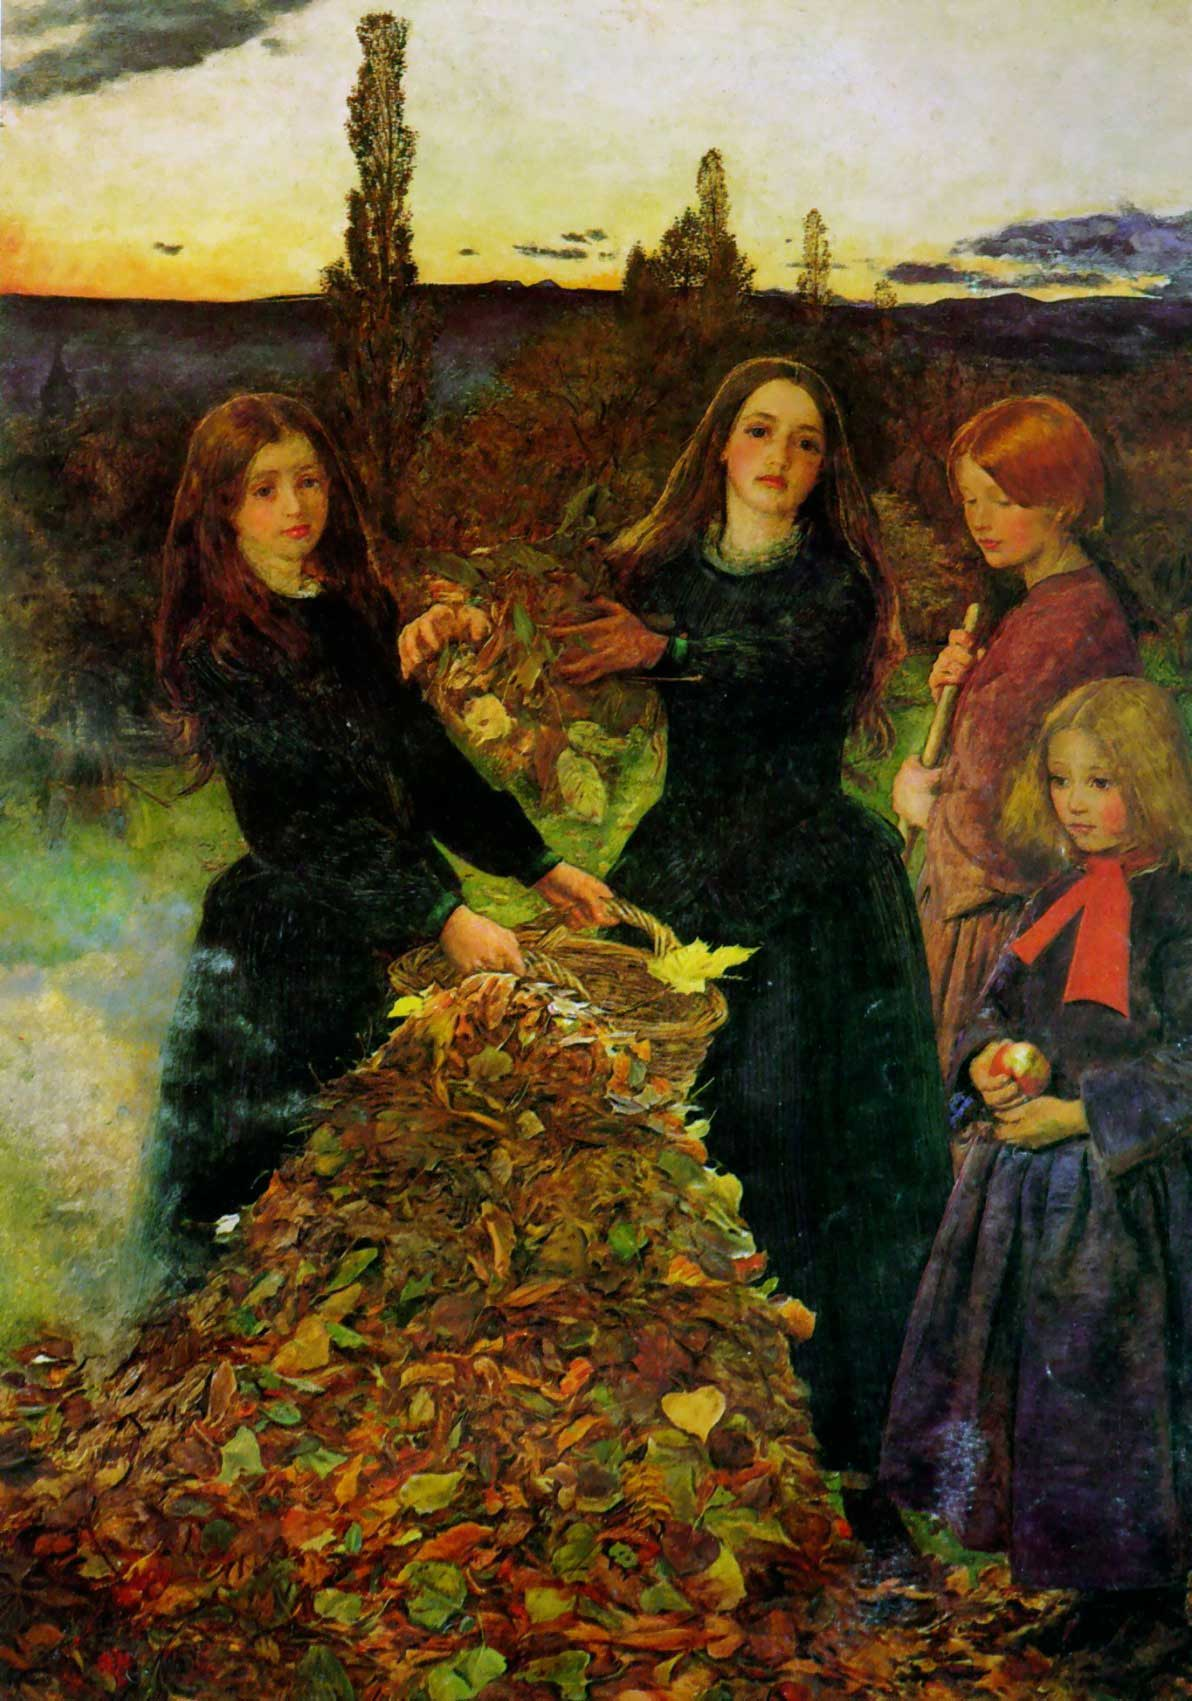 Autumn Leaves, Sir John Everett Millais, circa 1856